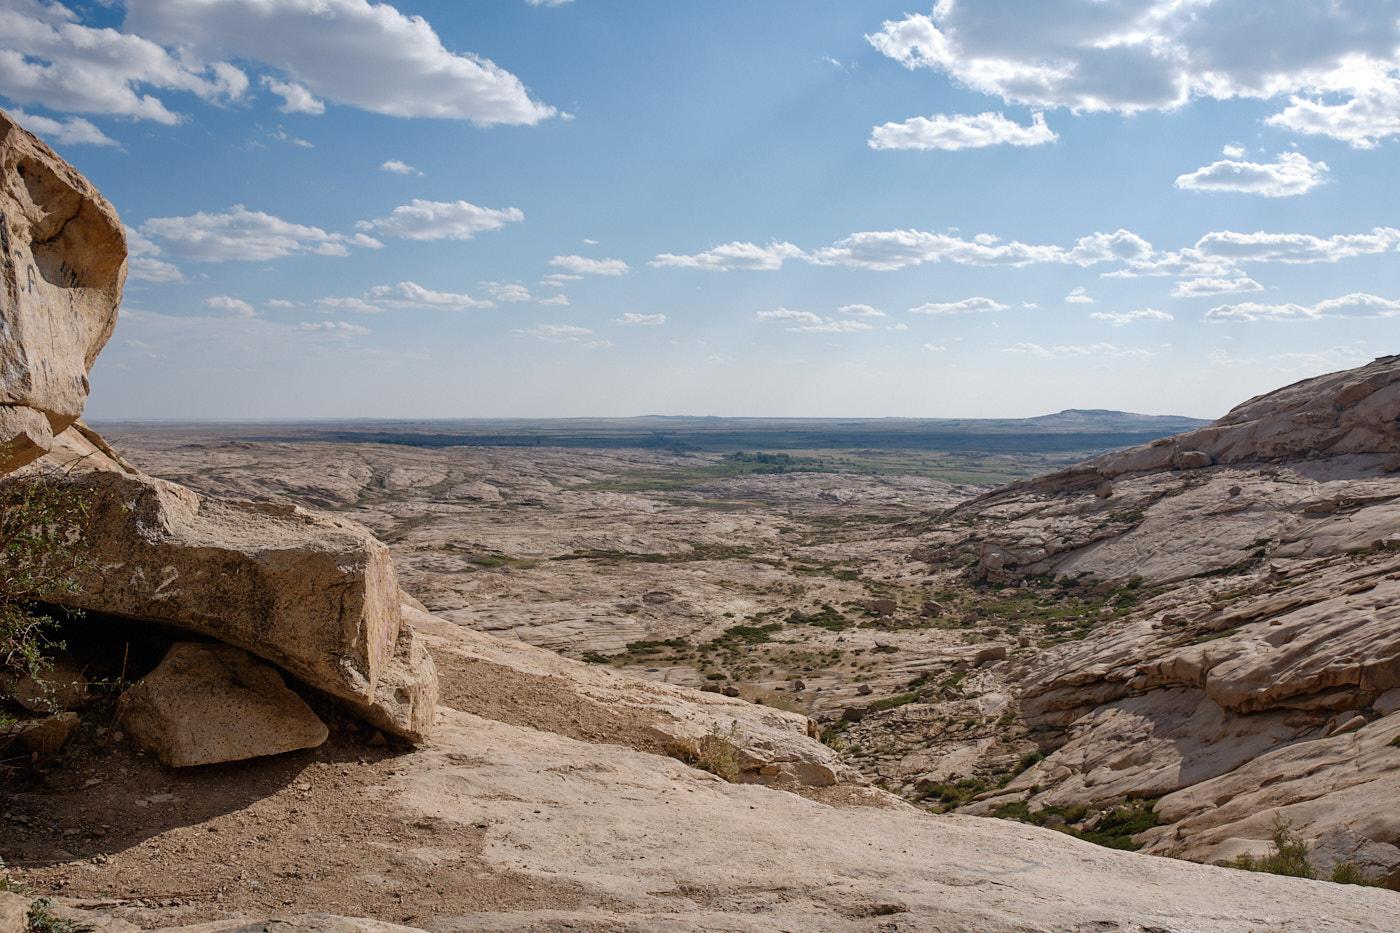 Transit durch Kasachstan - Völlig unerwartet erheben sich die Felsen von Bektau Ata aus der kasachischen Steppe.